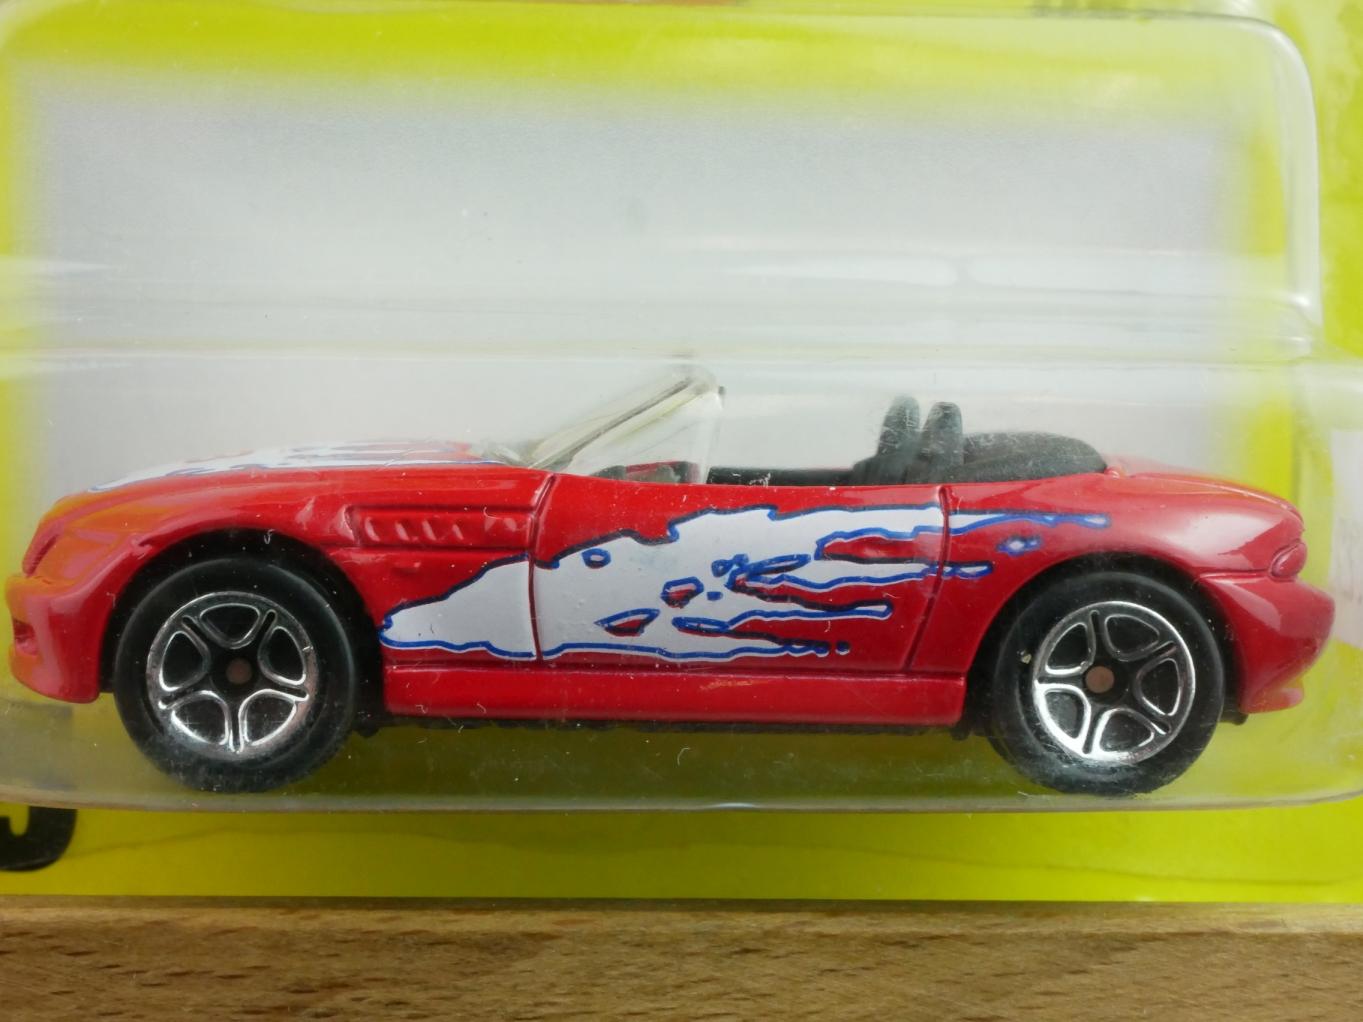 F.1 Racer (65-D/16-D/06-D) - 60122